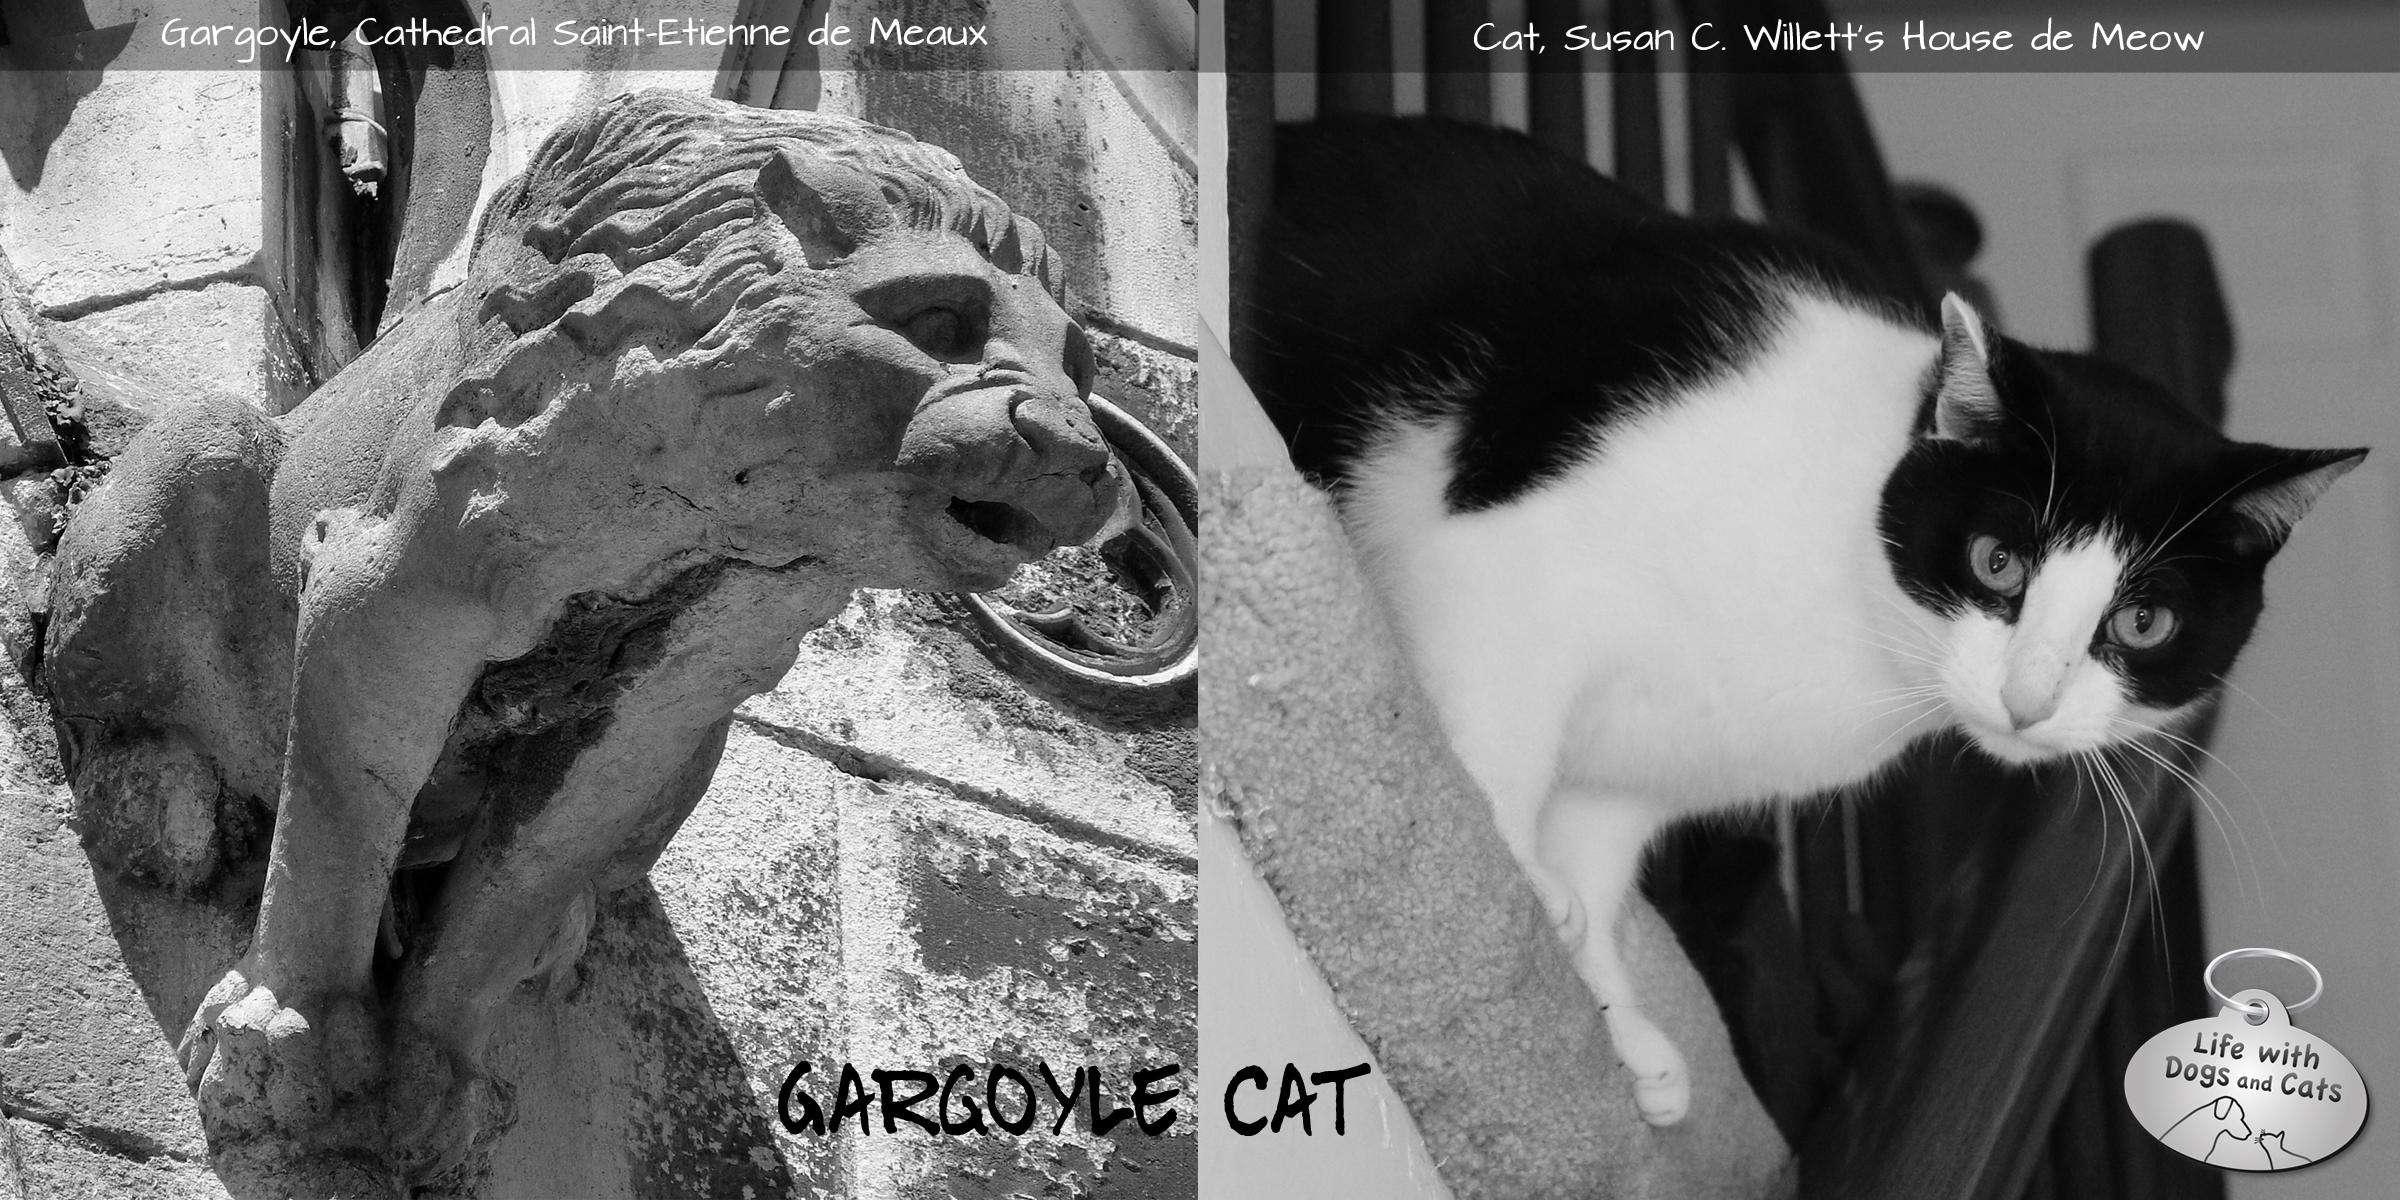 Gargoyle cat